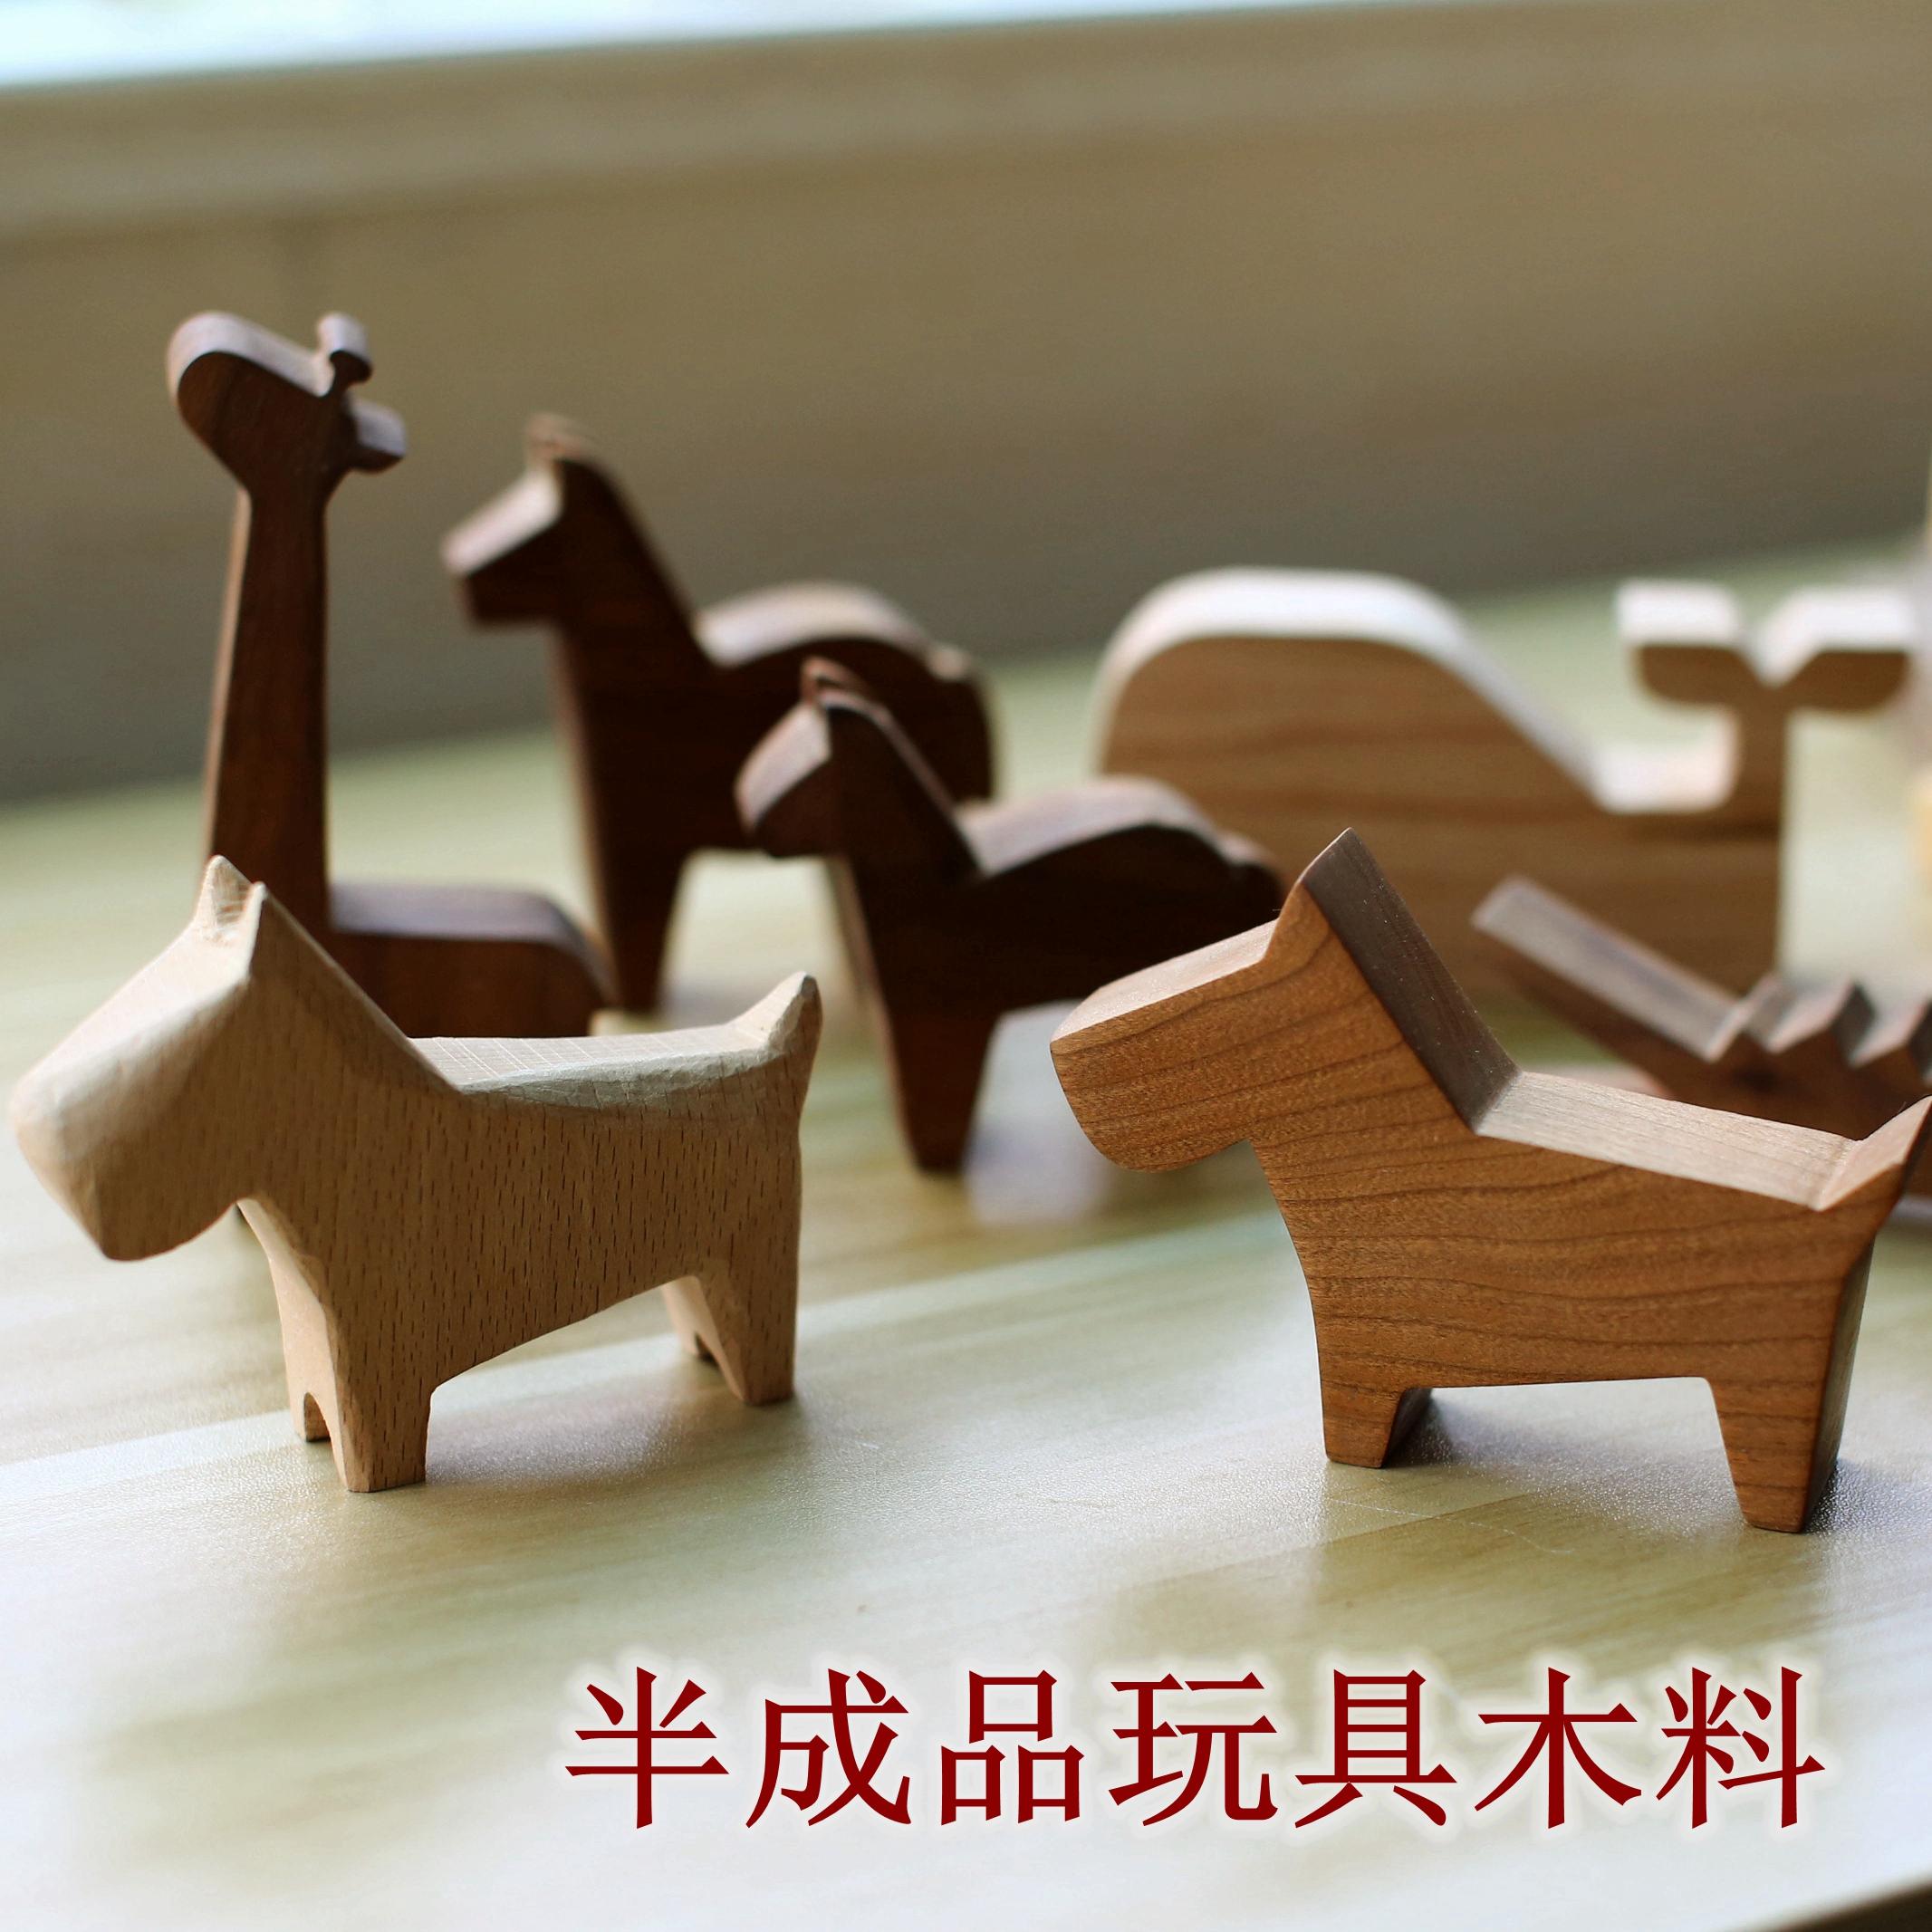 半成品玩具木料 DIY动物木玩具半成品 儿童手工半成品材料图片